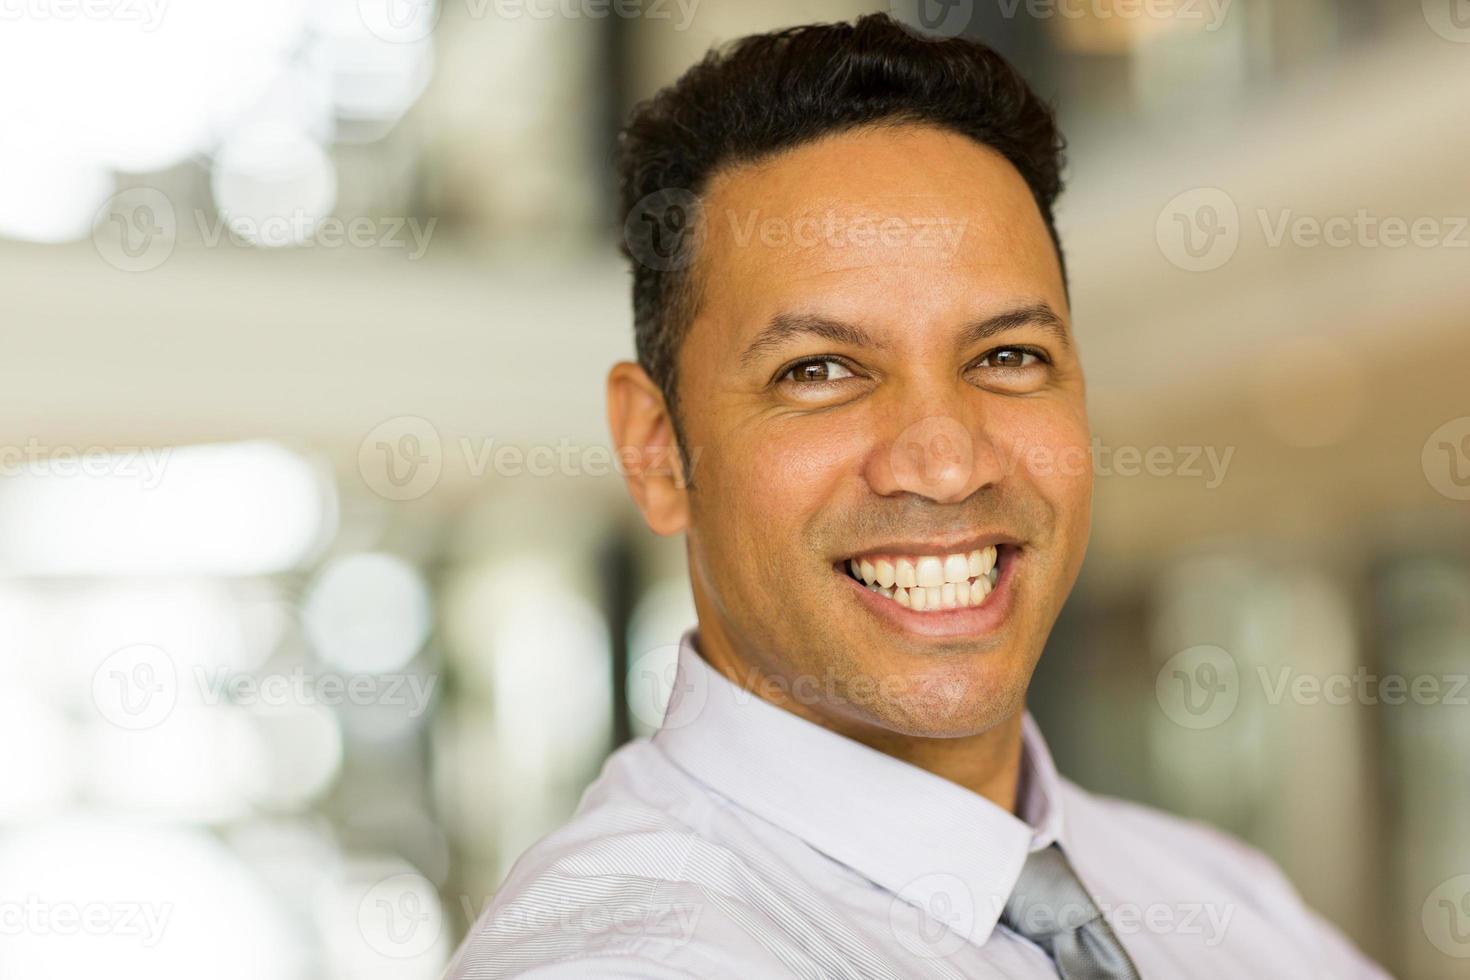 trabalhador corporativo masculino close-up foto